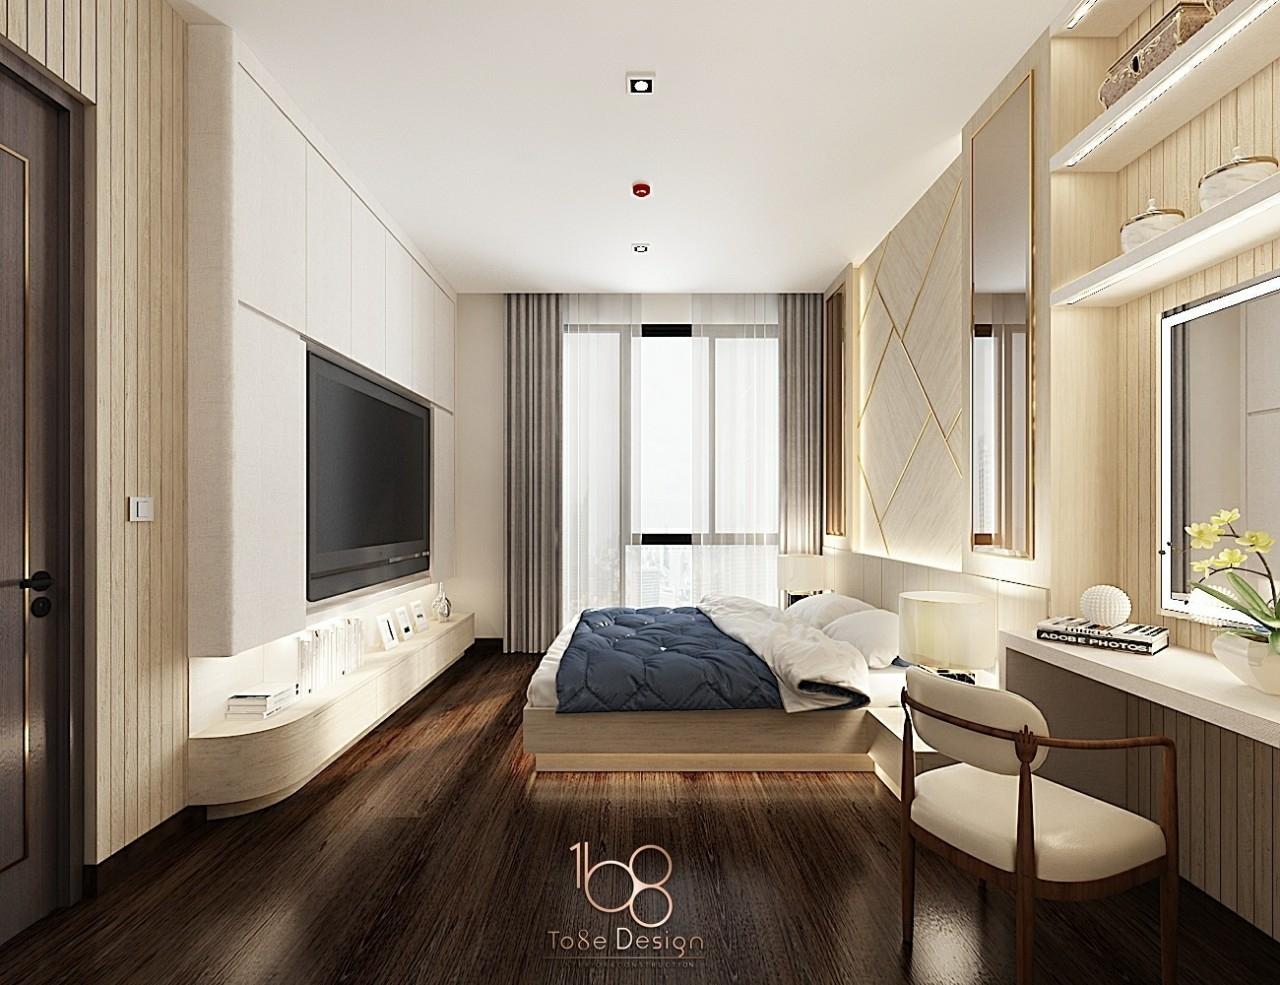 ออกแบบตกแต่งภายใน-เรียบหรู-ห้องนอน